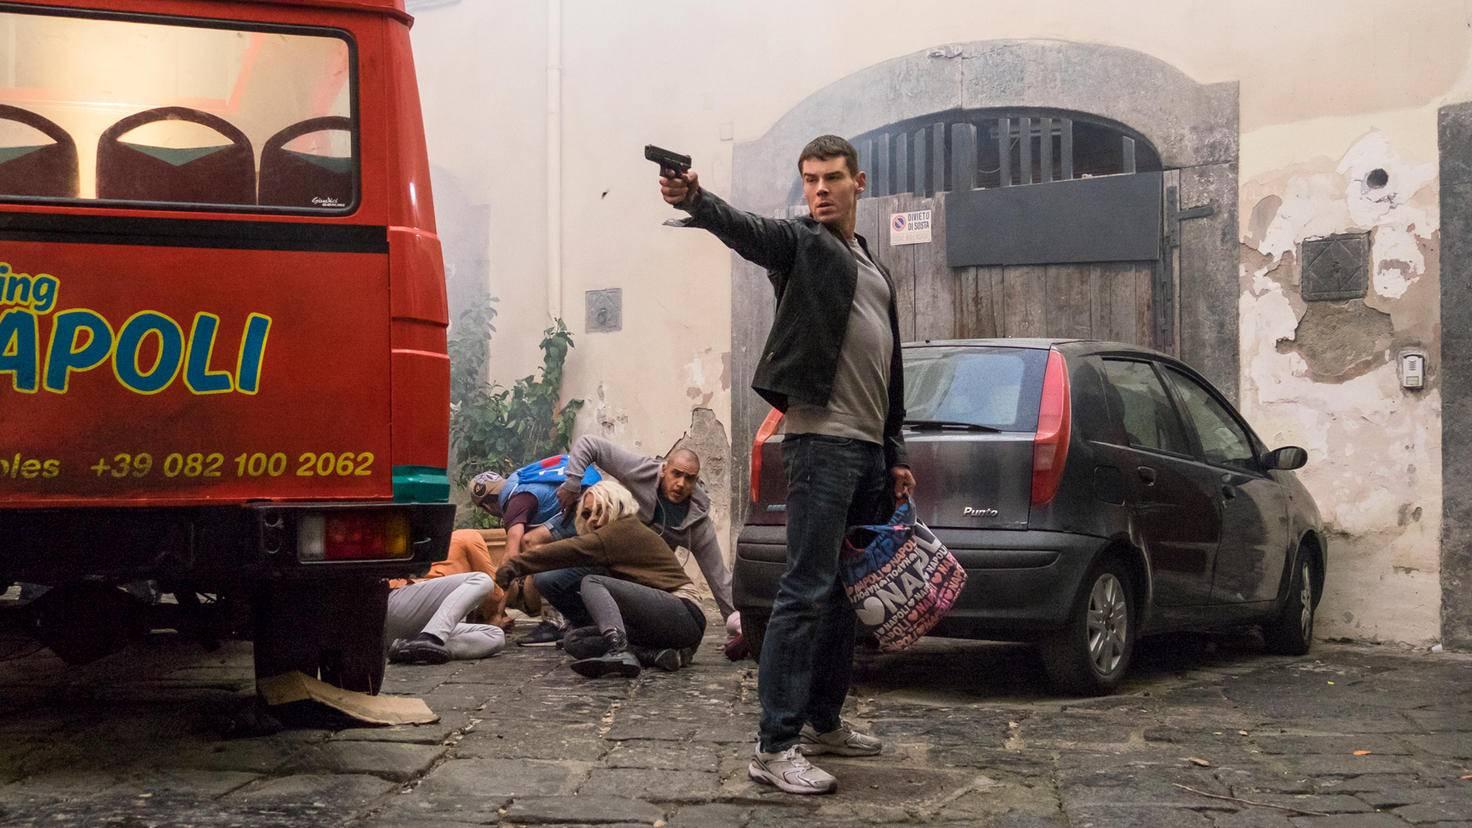 Will und seine Freunde ballern sich den Weg zu ihrem Feind Whispers frei ...